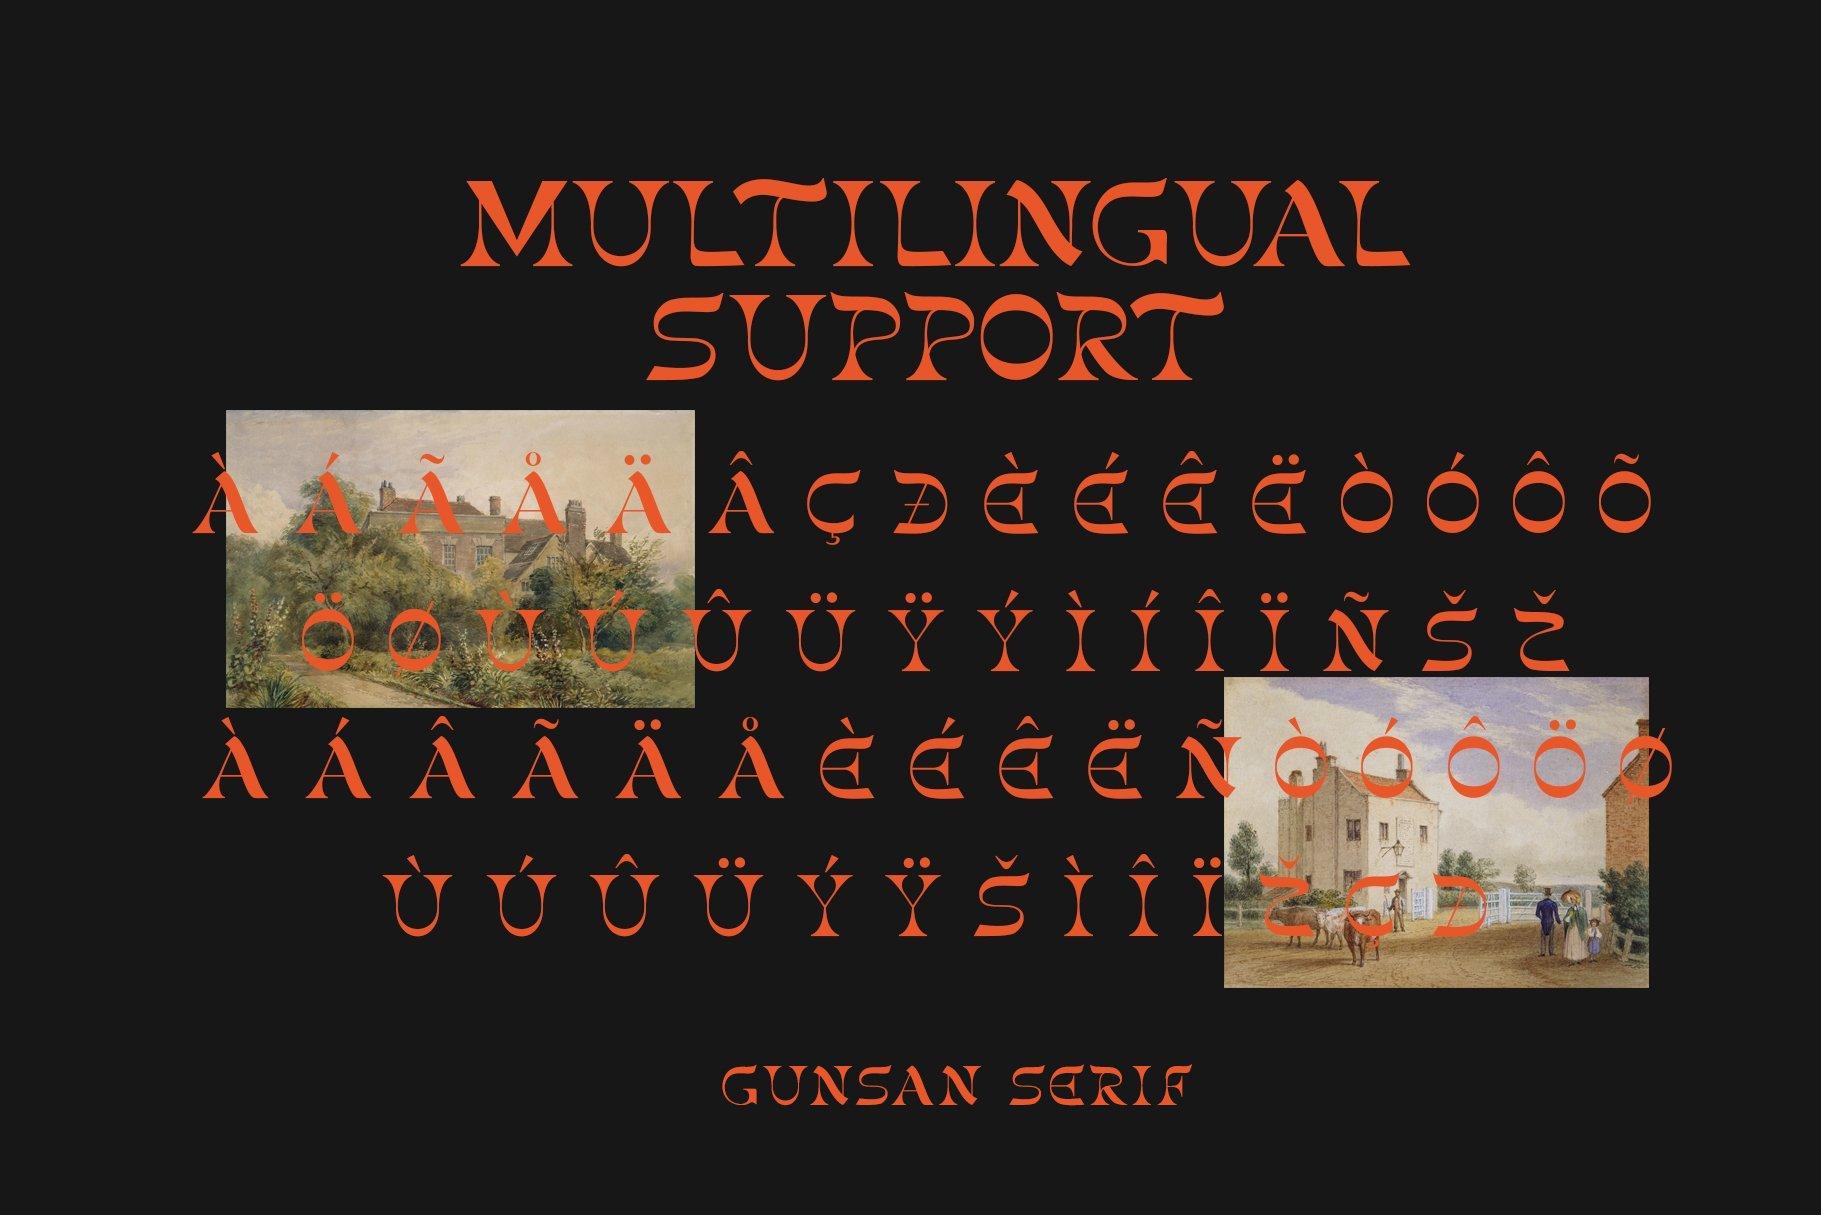 [单独购买] 潮流复古酸性艺术海报杂志Logo标题英文字体设计素材 Gunsan Font Duo插图11